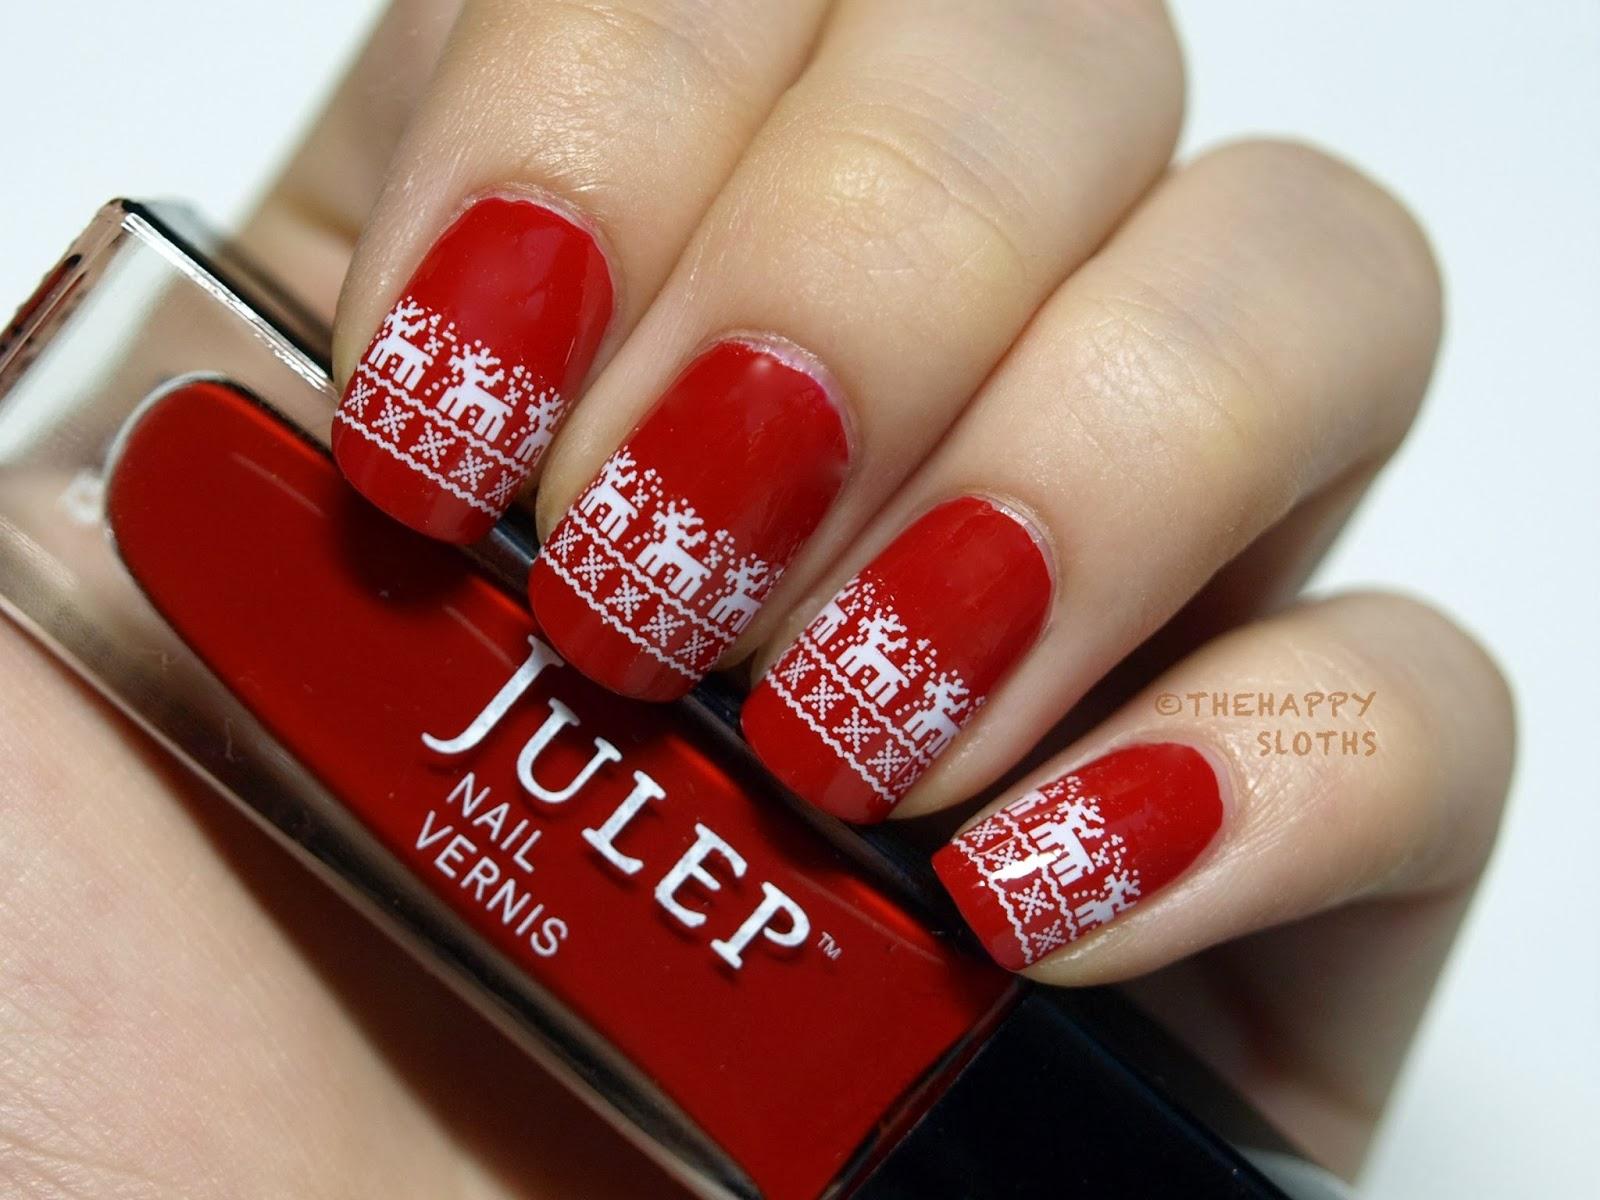 Стемпинг на красных ногтях фото